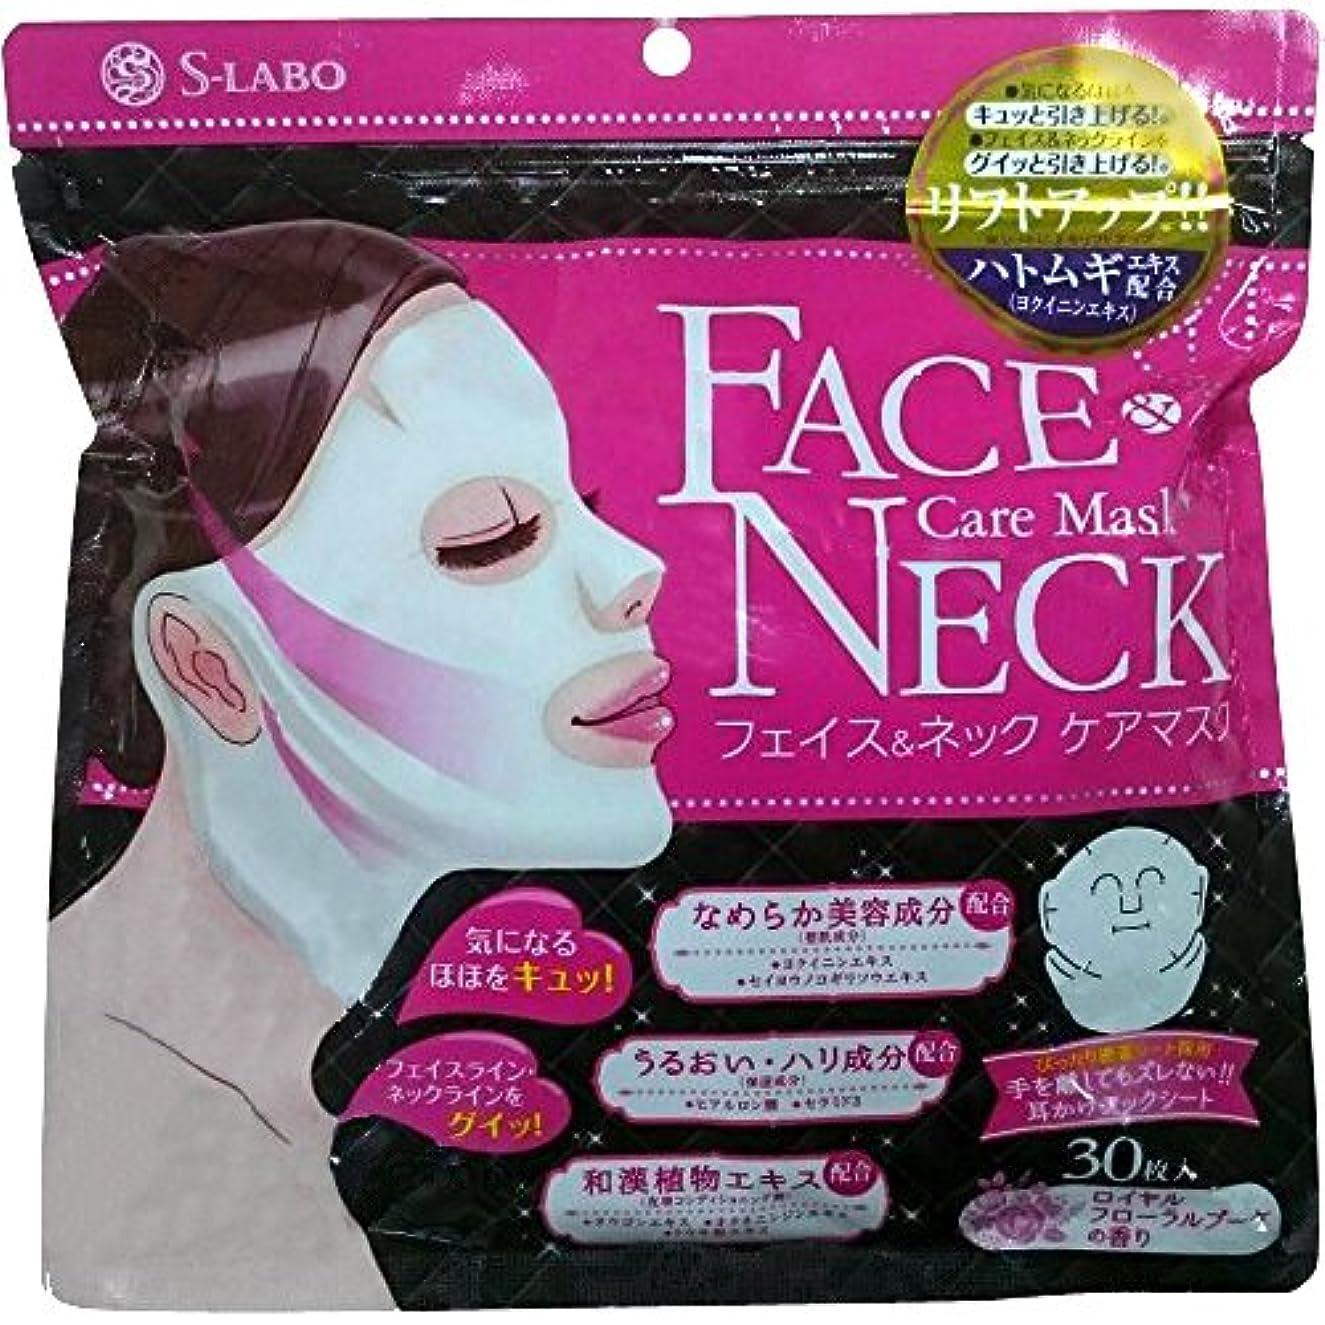 充電不可能なレオナルドダS-LABO フェイス & ネックケアマスク (30枚入)